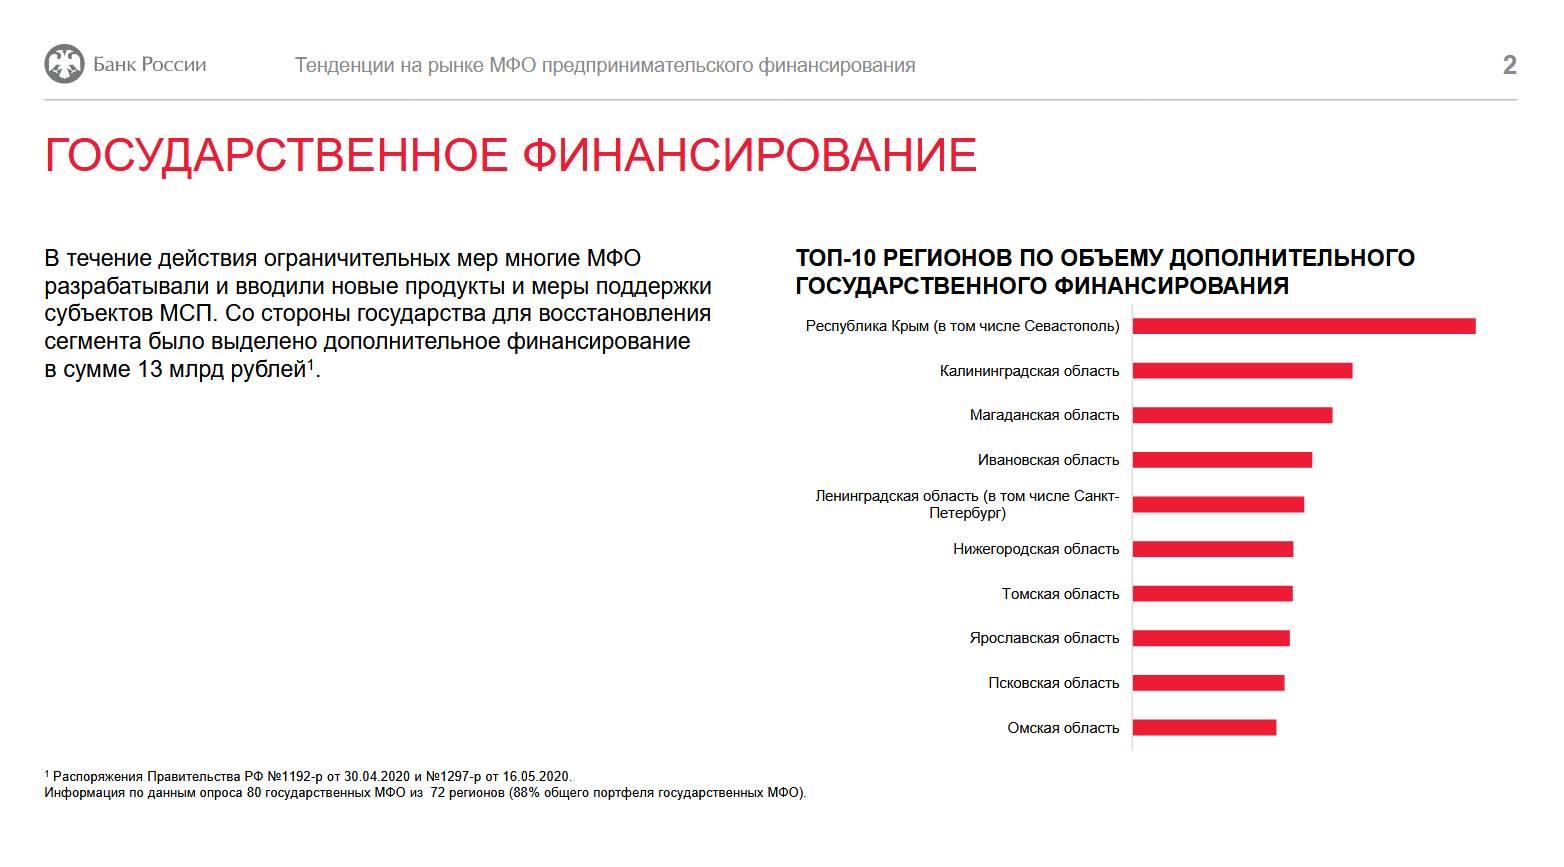 МФО предпринимательского финансирования поддержали МСБ